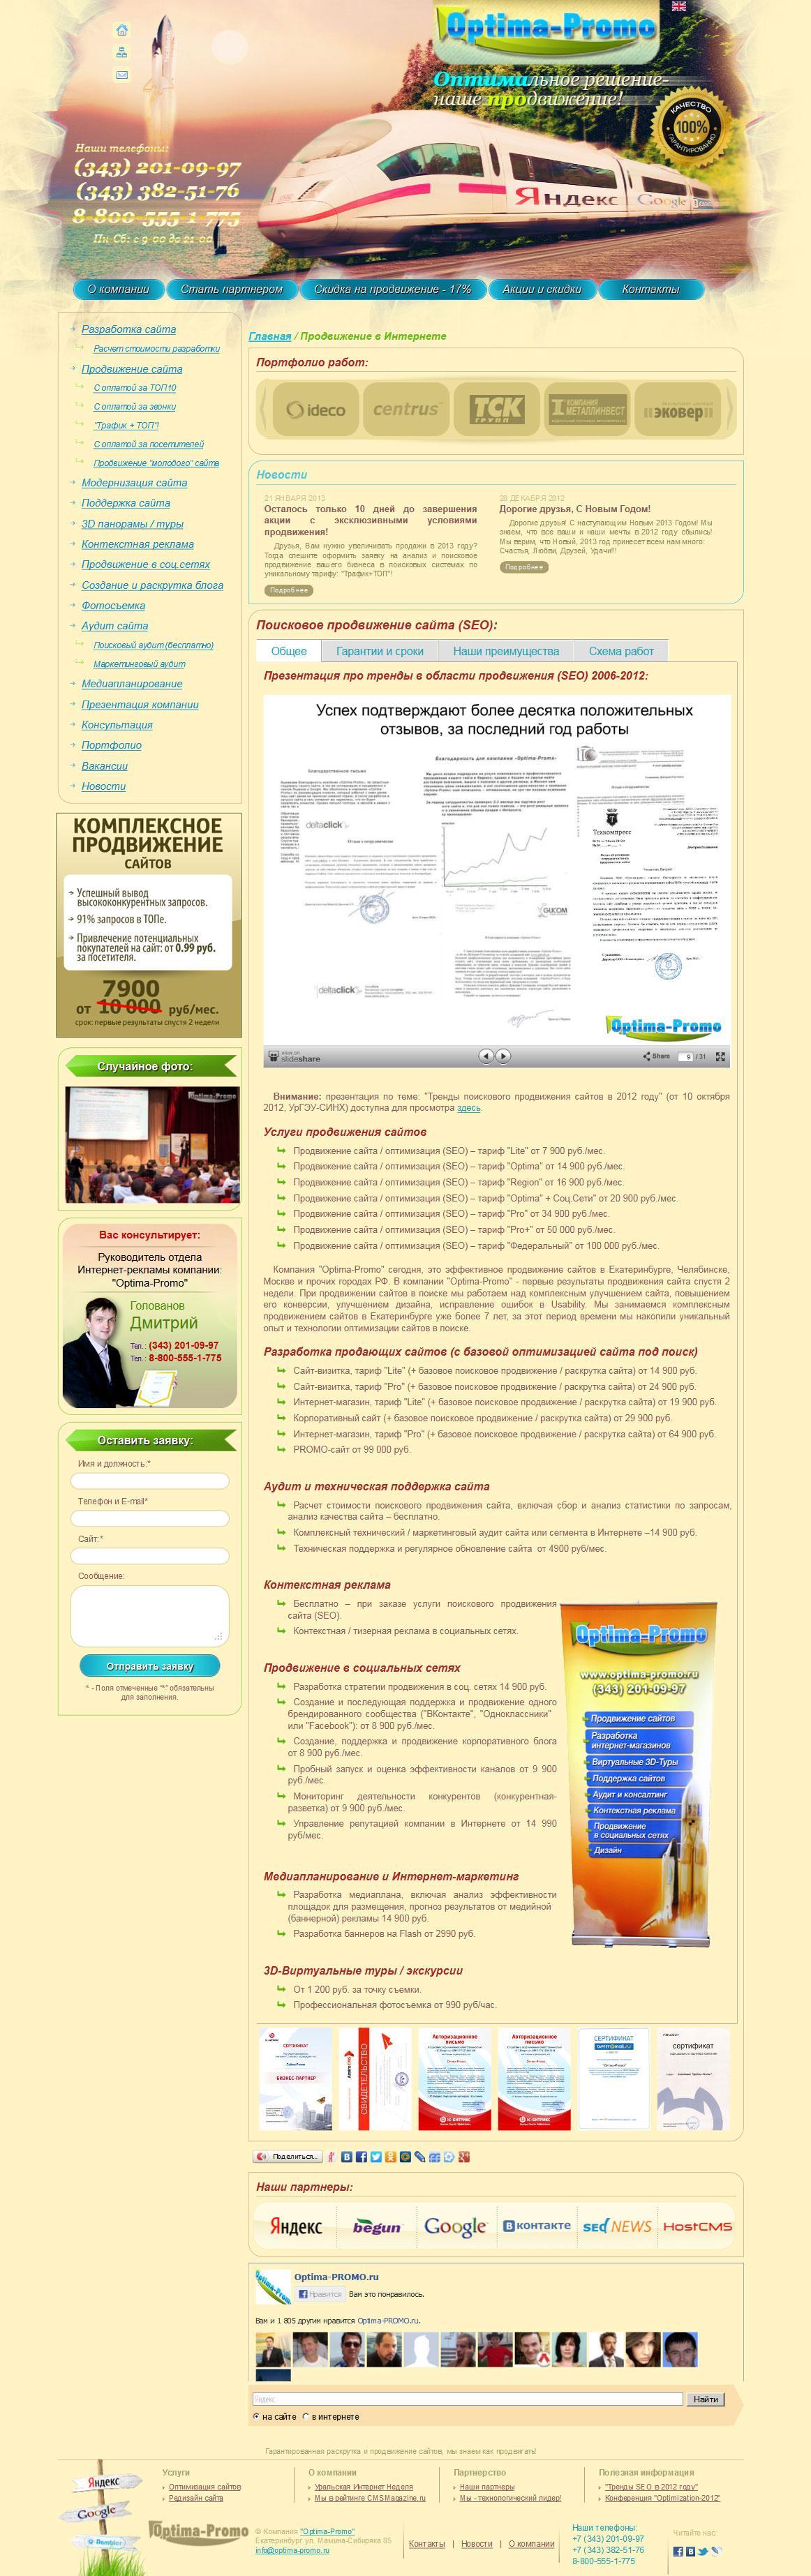 """Разработка корпоративного сайта для компании """"Optima-Promo"""""""